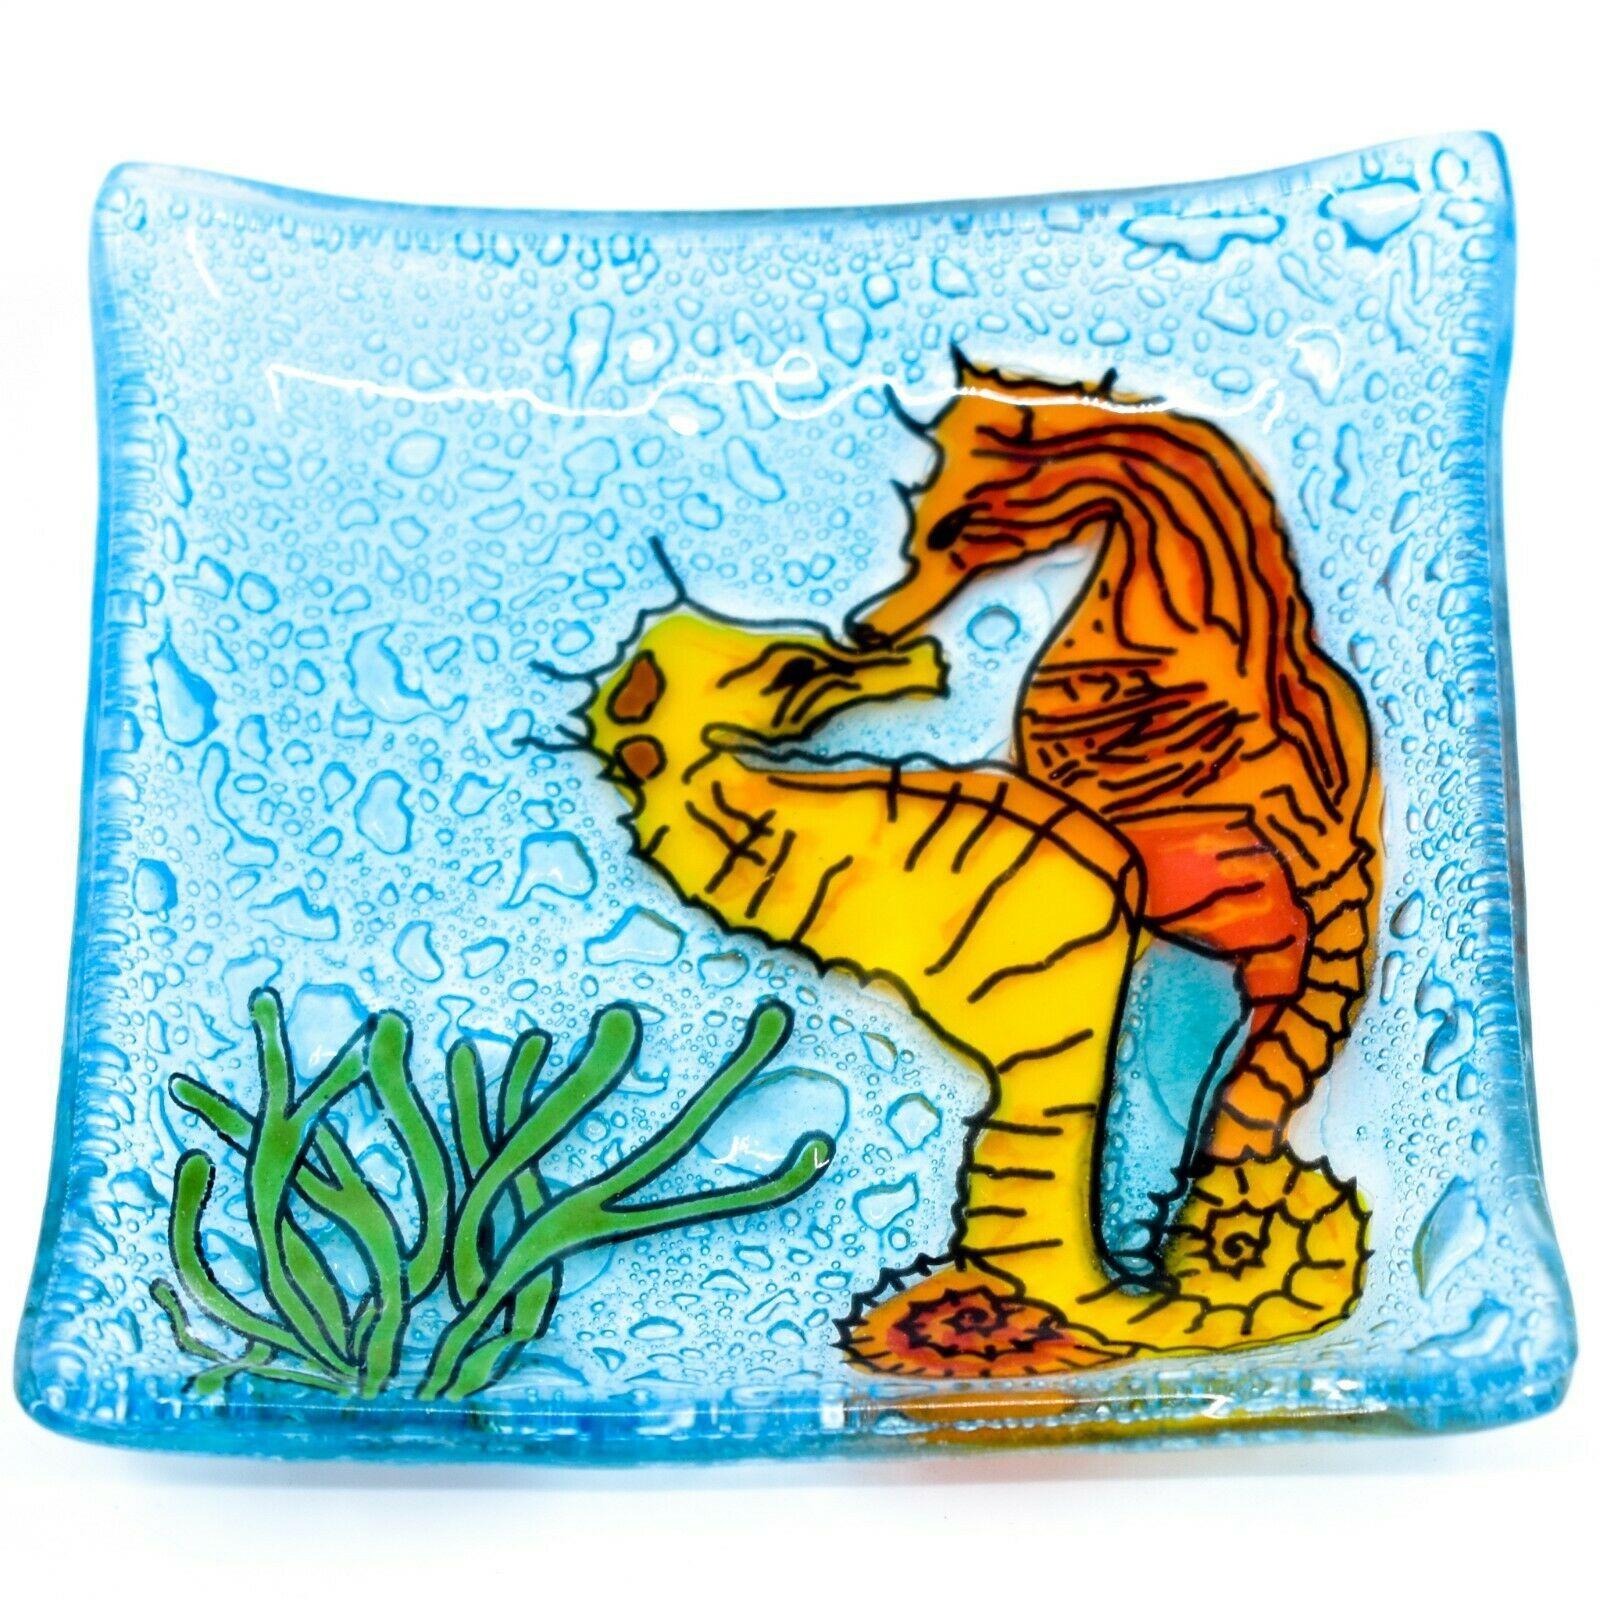 Fused Art Glass Ocean Seahorse Design Square Soap Dish Handmade Ecuador